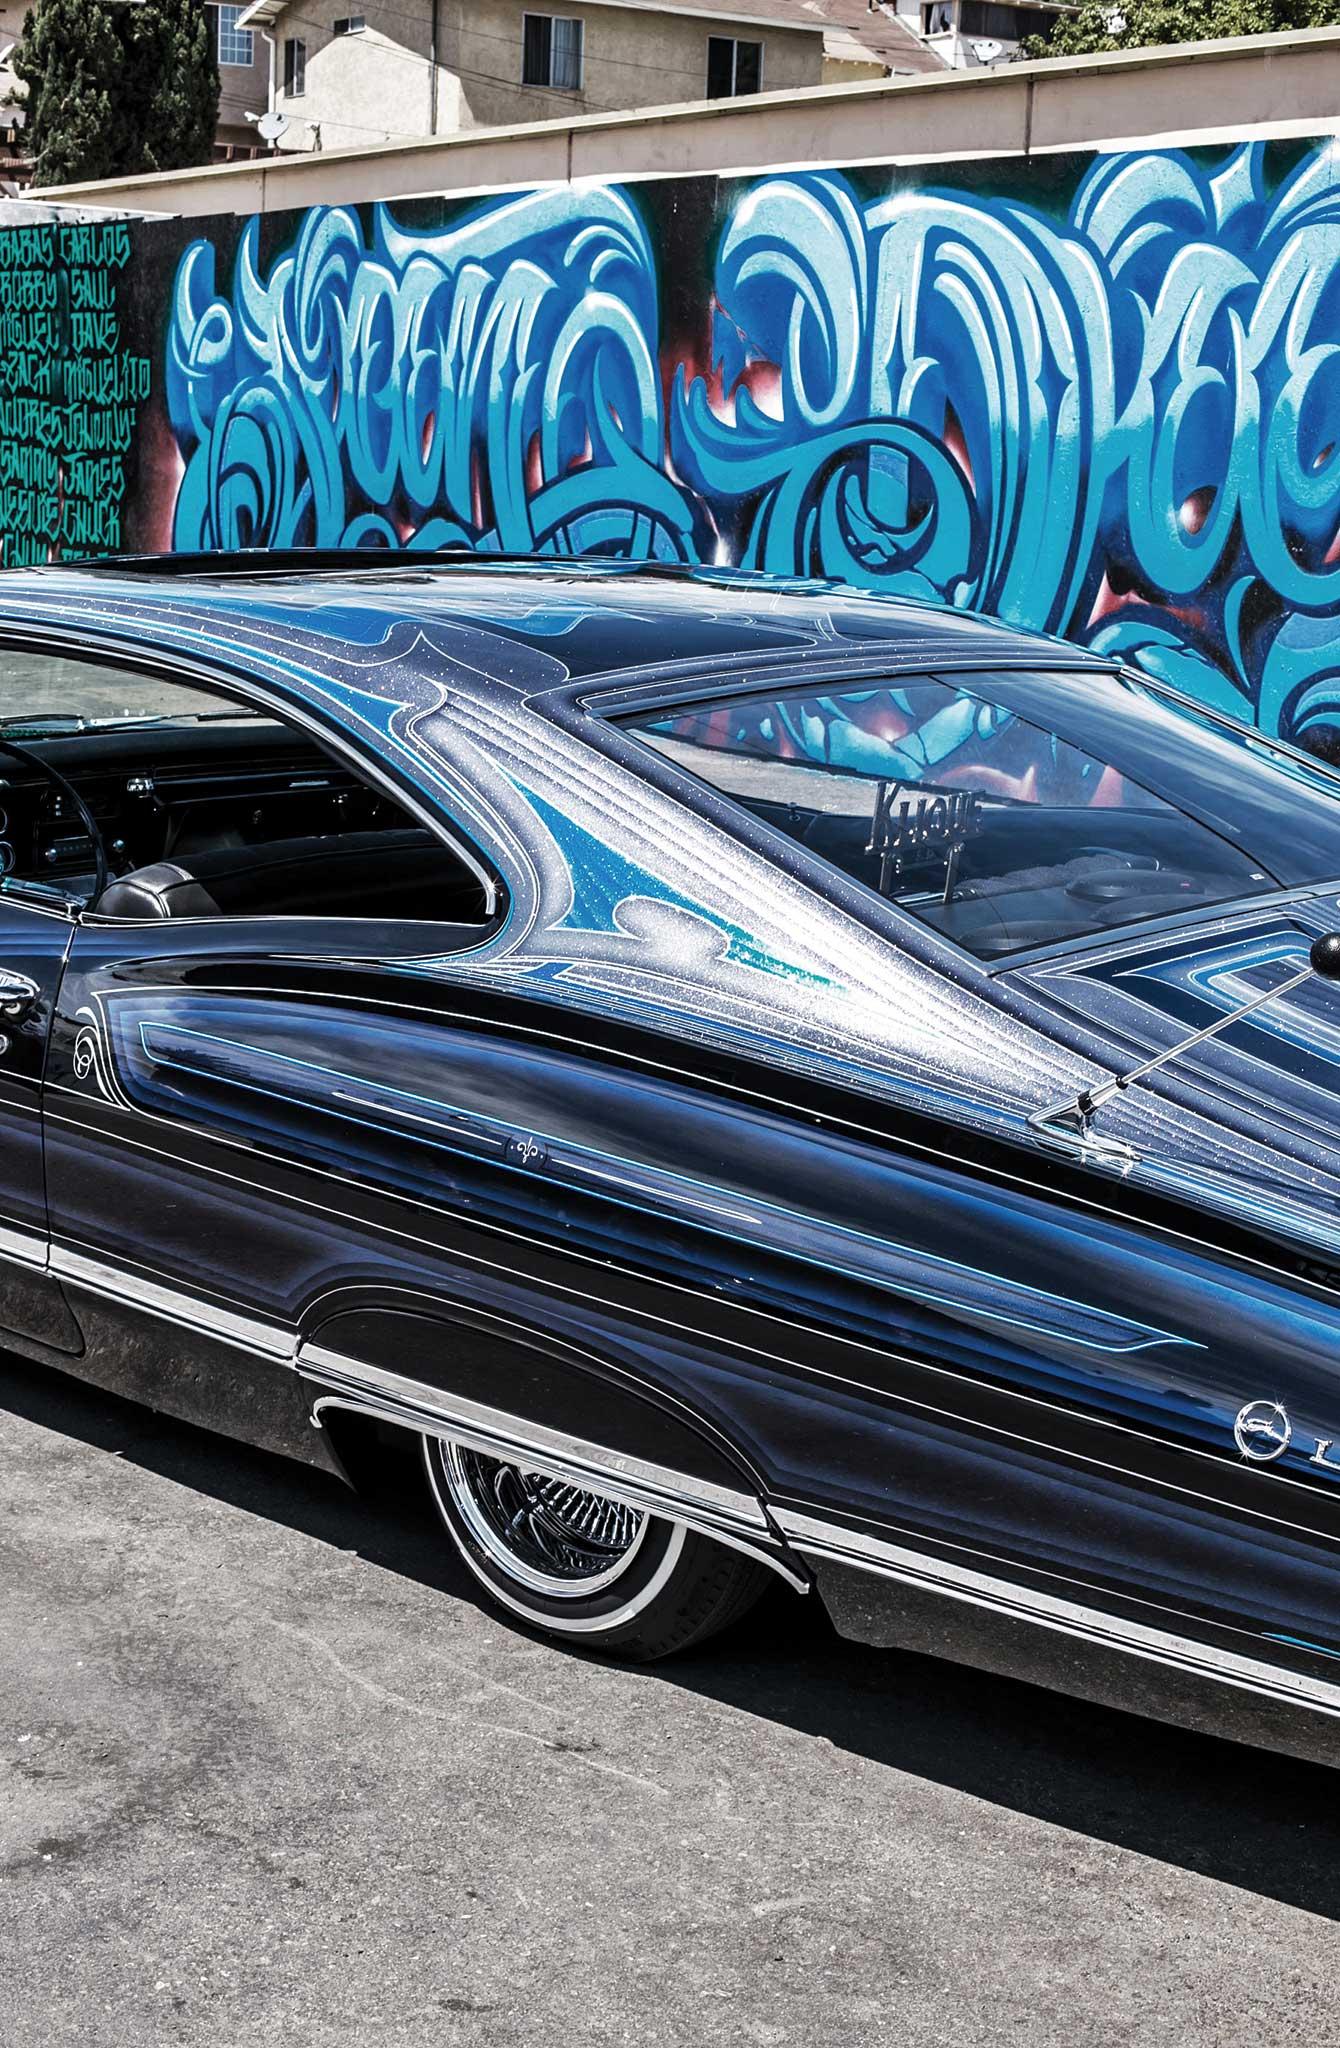 1967 Chevrolet Impala - Flashback Fastback